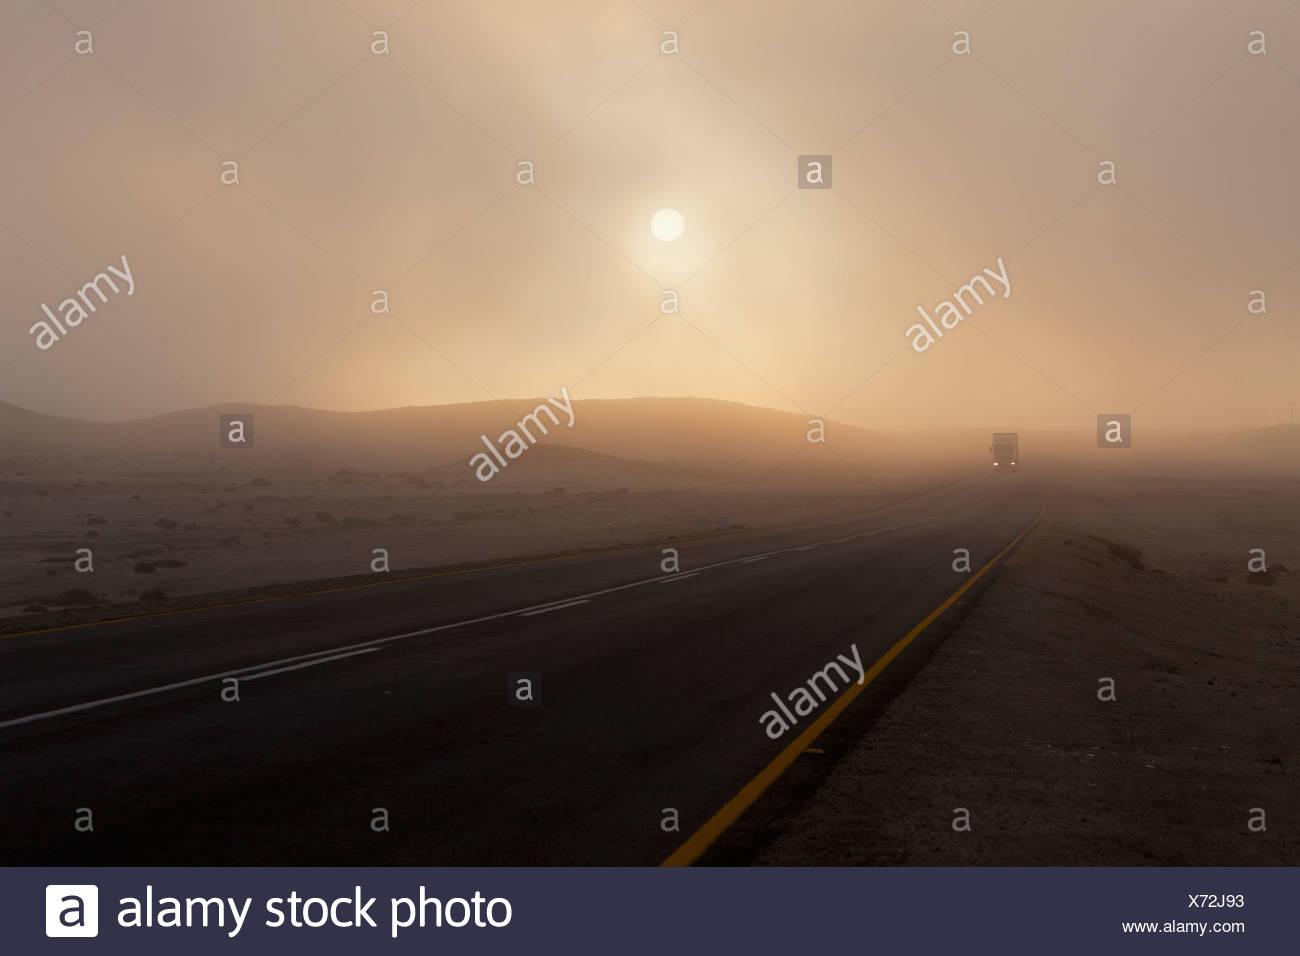 Afrika, Namibia, Namib Wüste, Swakopmund, Ansicht des Fahrzeugs auf nebligen Straße im Morgengrauen Stockbild